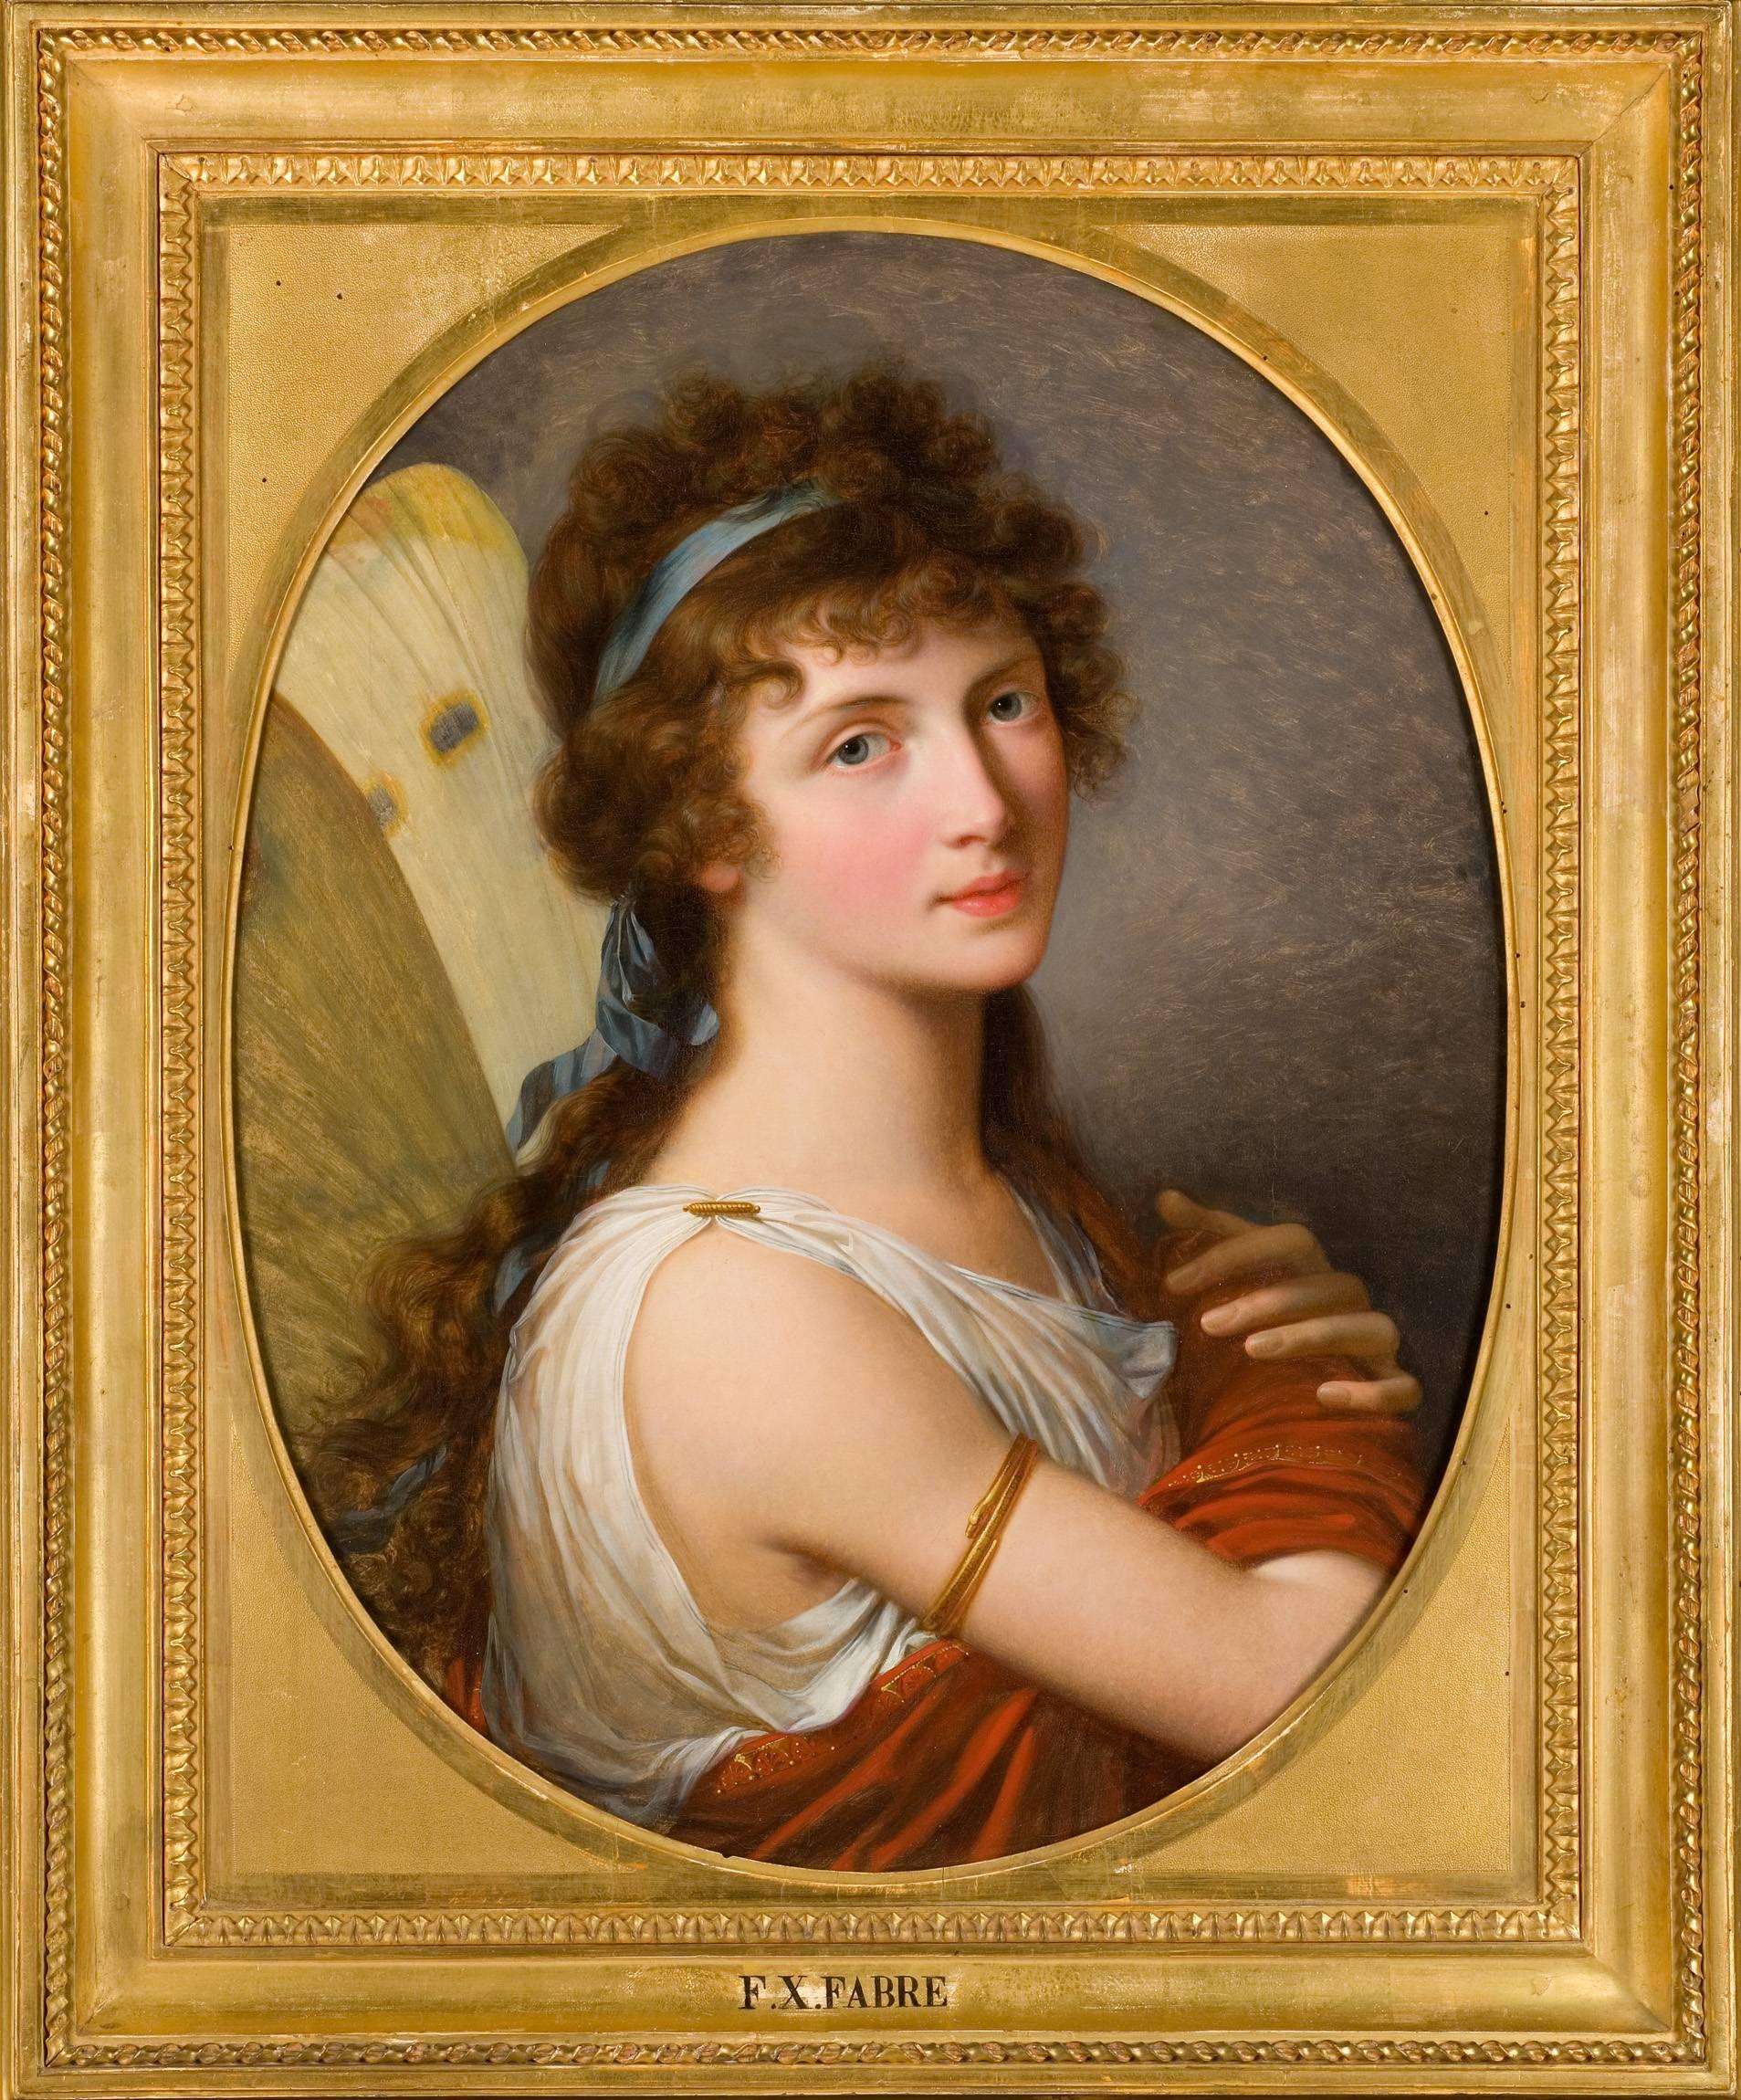 Anne Bermingham (as Psyche) by François-Xavier Fabre (1766-1837). Musée Fabre, Montpellier.